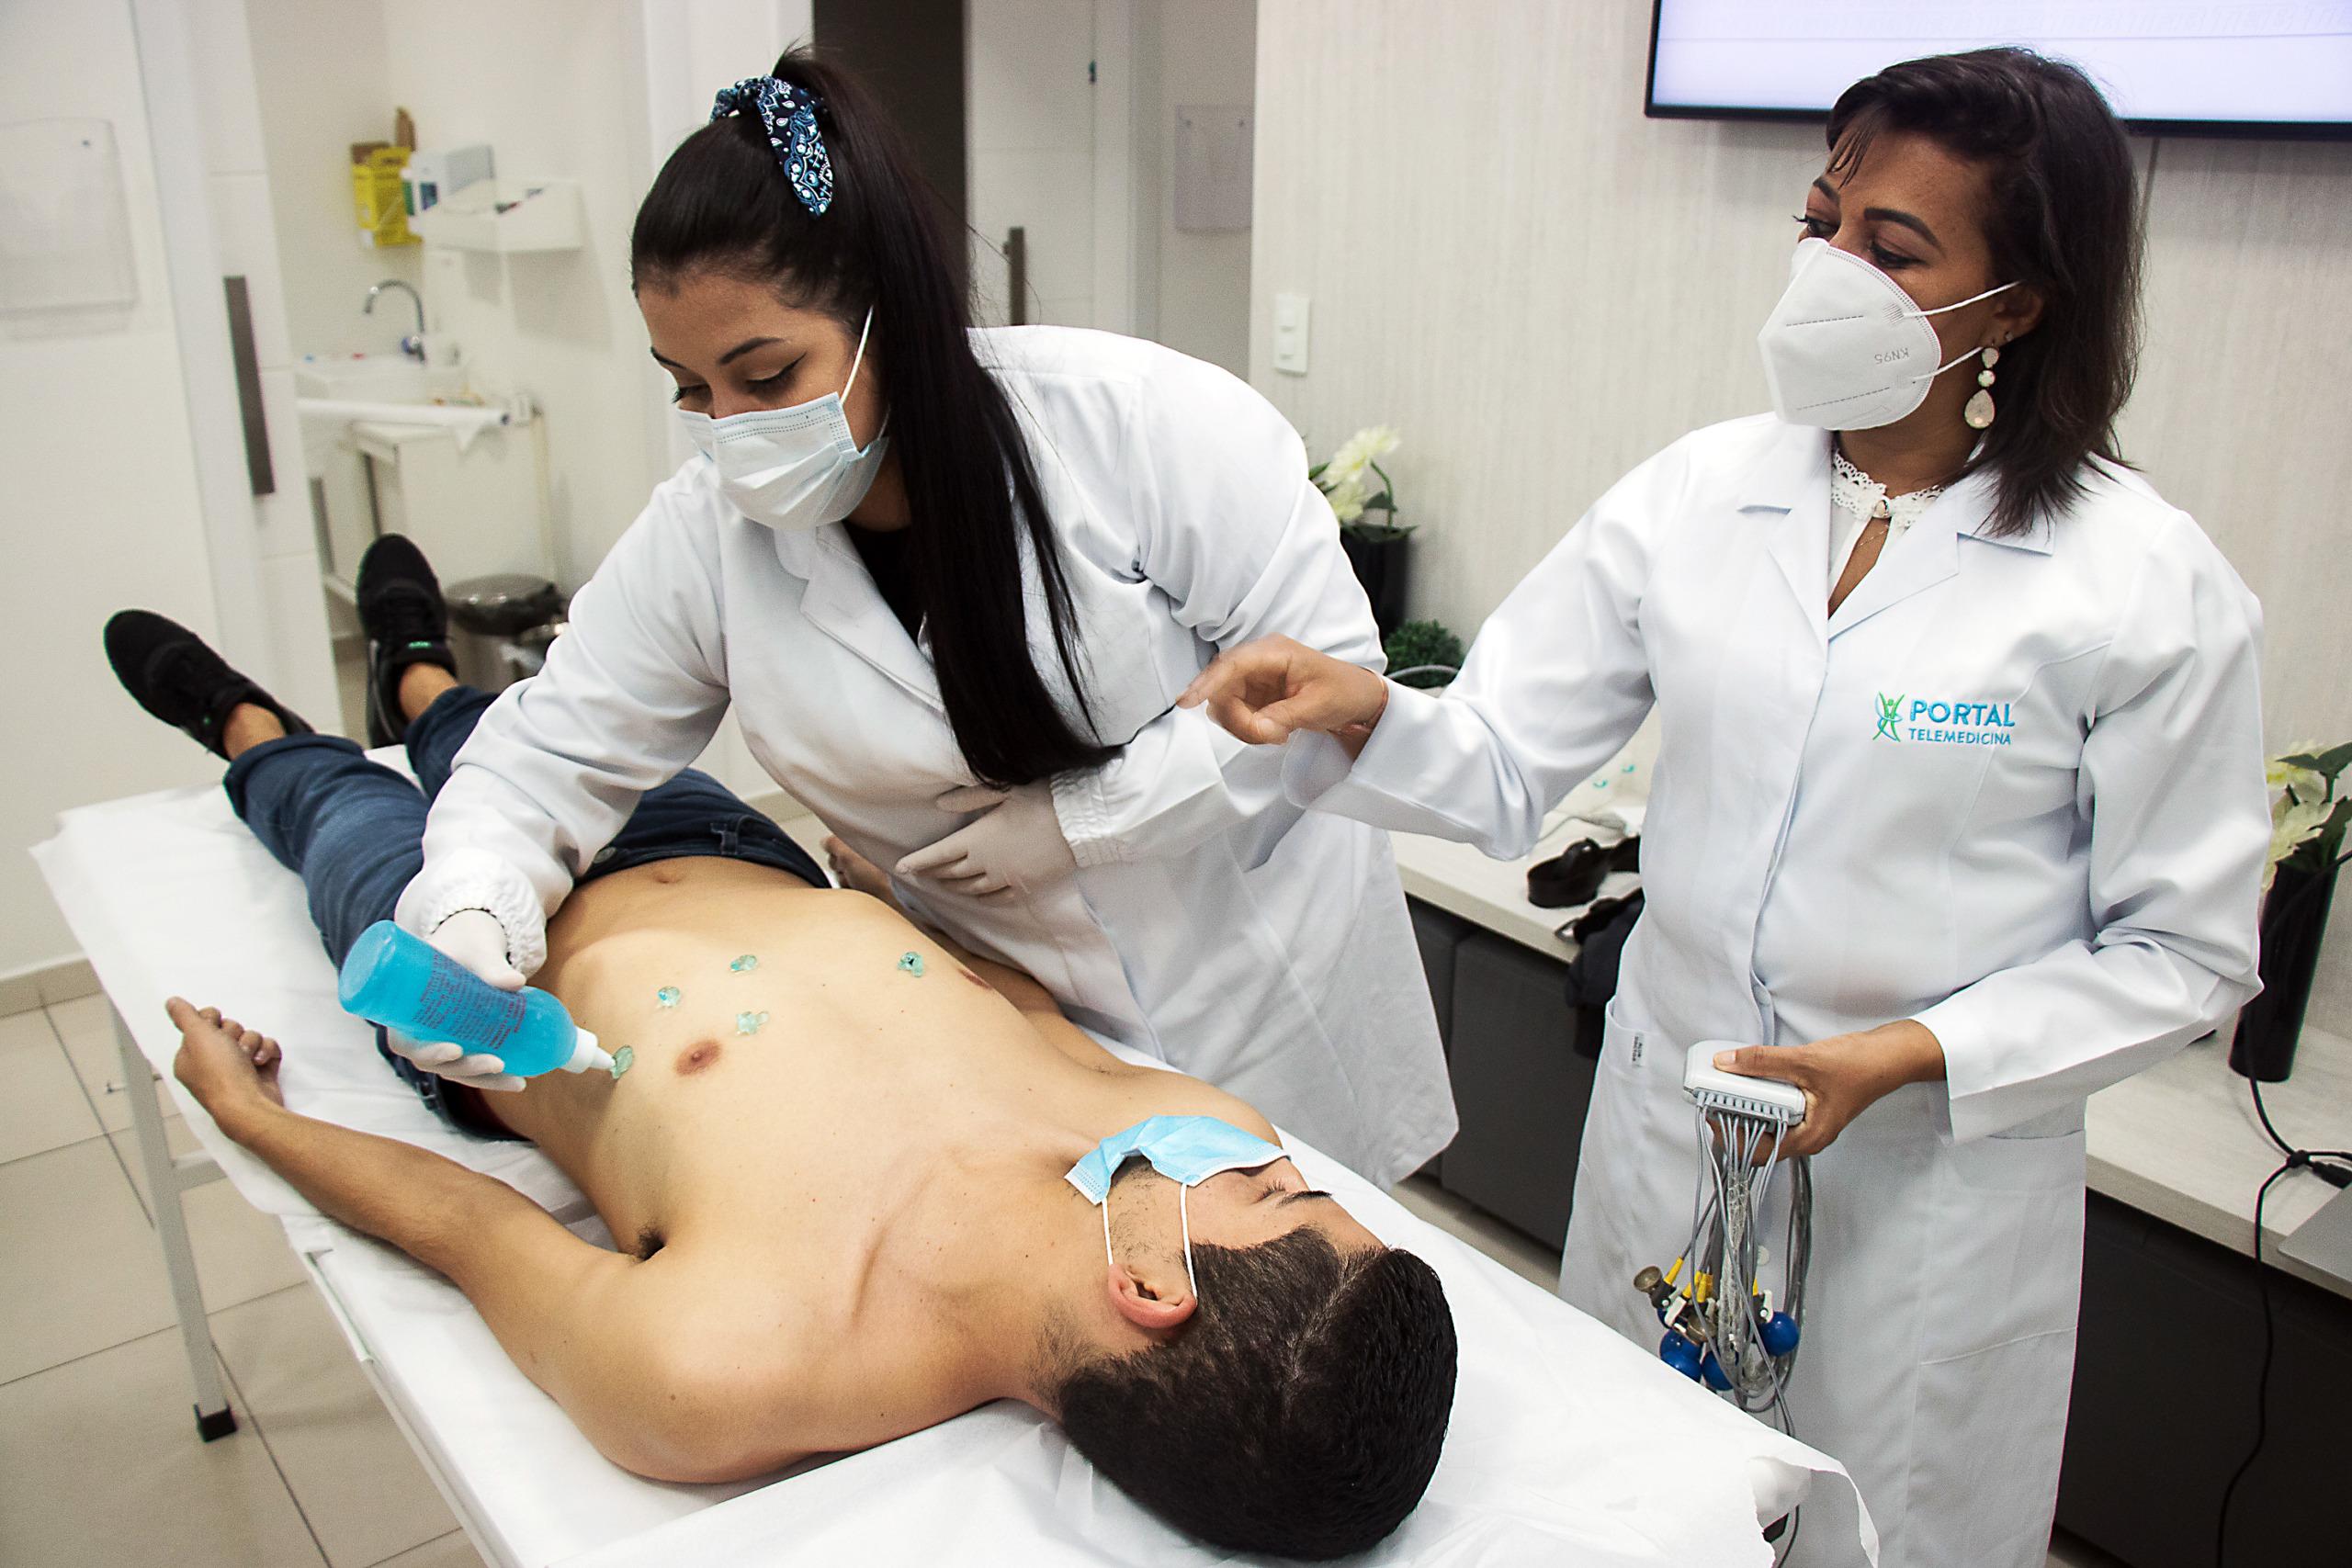 enfermeiras aplicando gel na pele de paciente para colocação de eletrodos e realização de um exame de eletrocardiograma